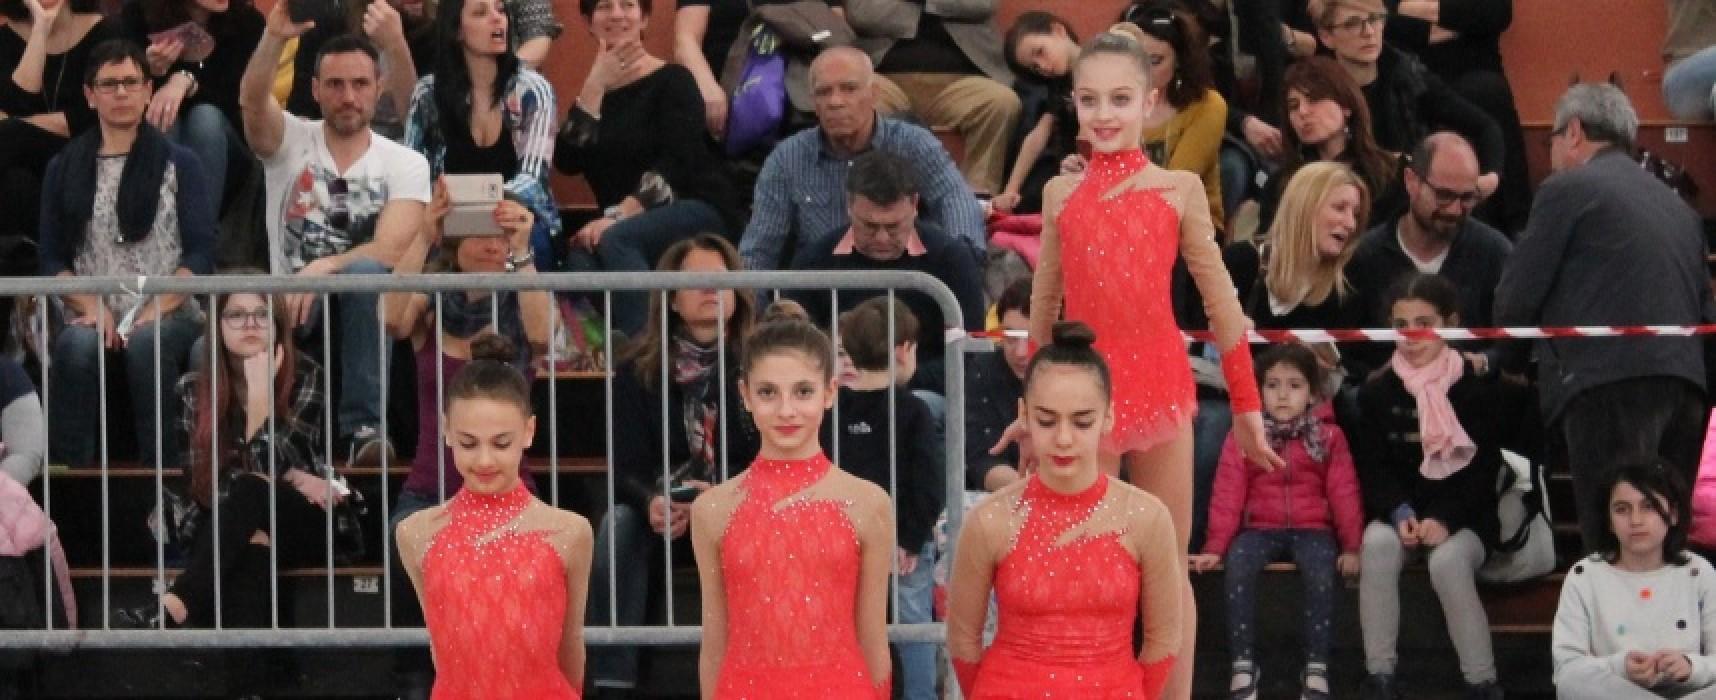 Iris a Lecce per l'Individuale Silver, cinque ginnaste biscegliesi in gara